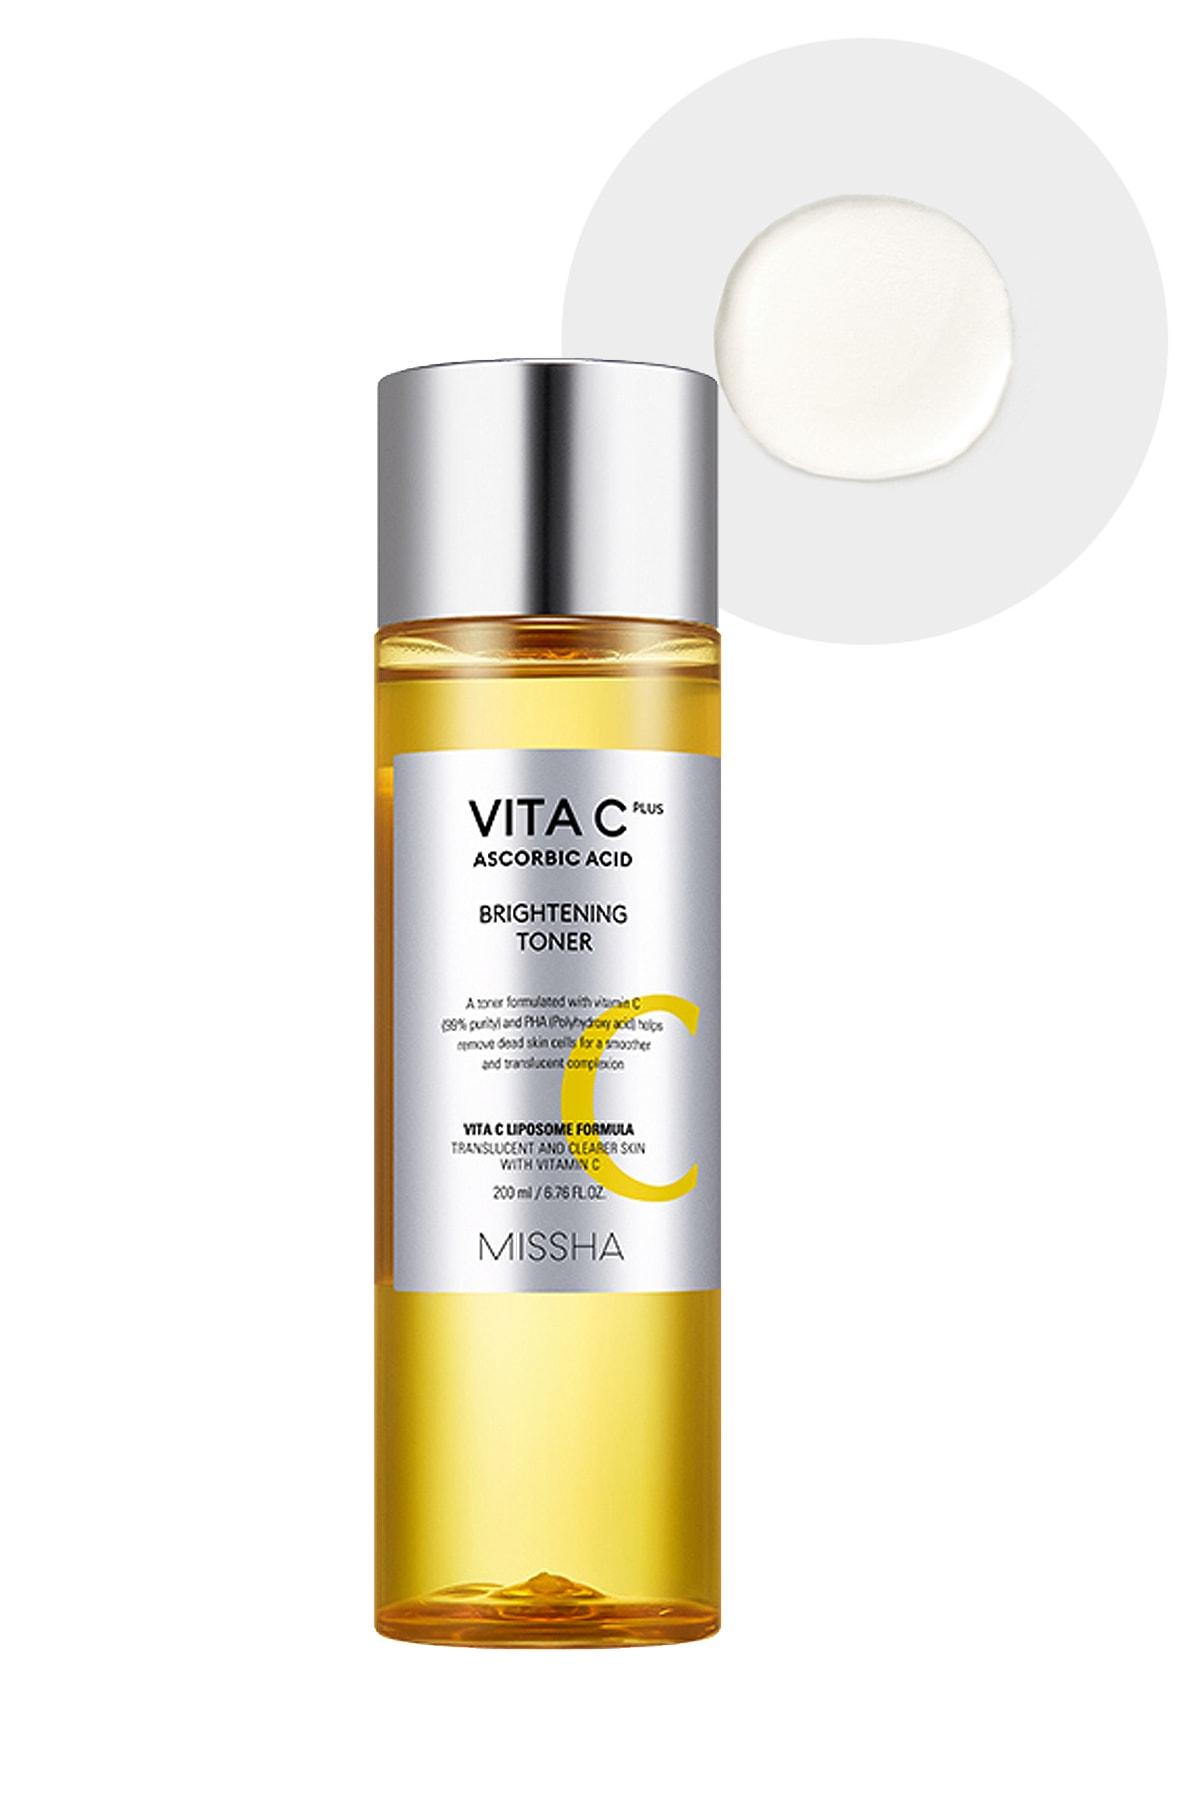 Leke Karşıtı C Vitamini İçerikli Aydınlatıcı Tonik 200ml Vita C Plus Brightening Toner